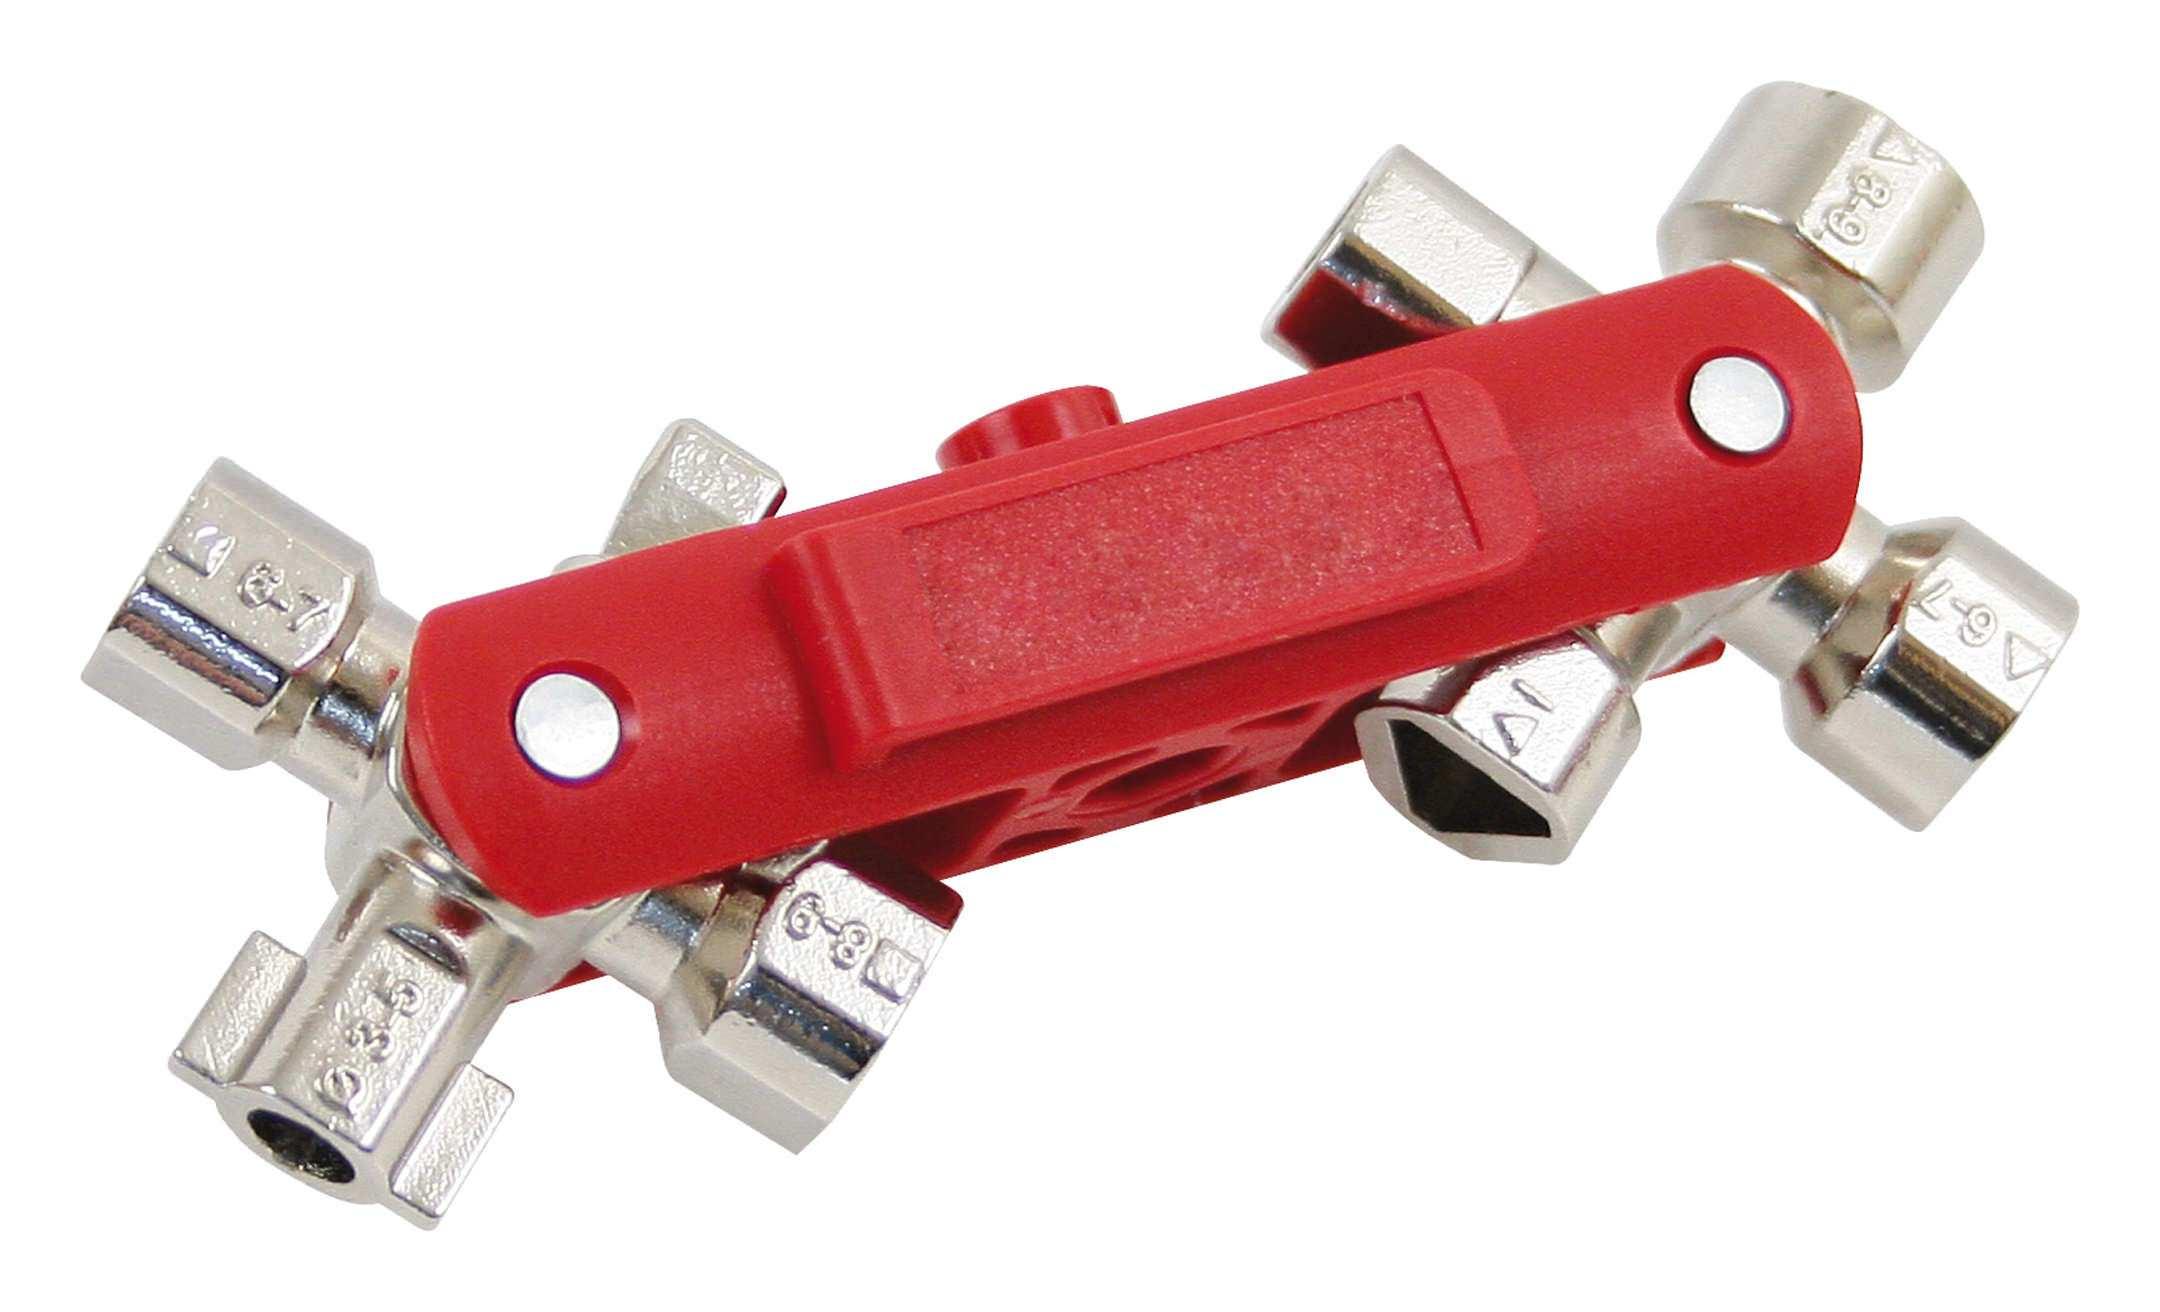 S+B Schaltschrankschlüssel Maker Quadro - 400669